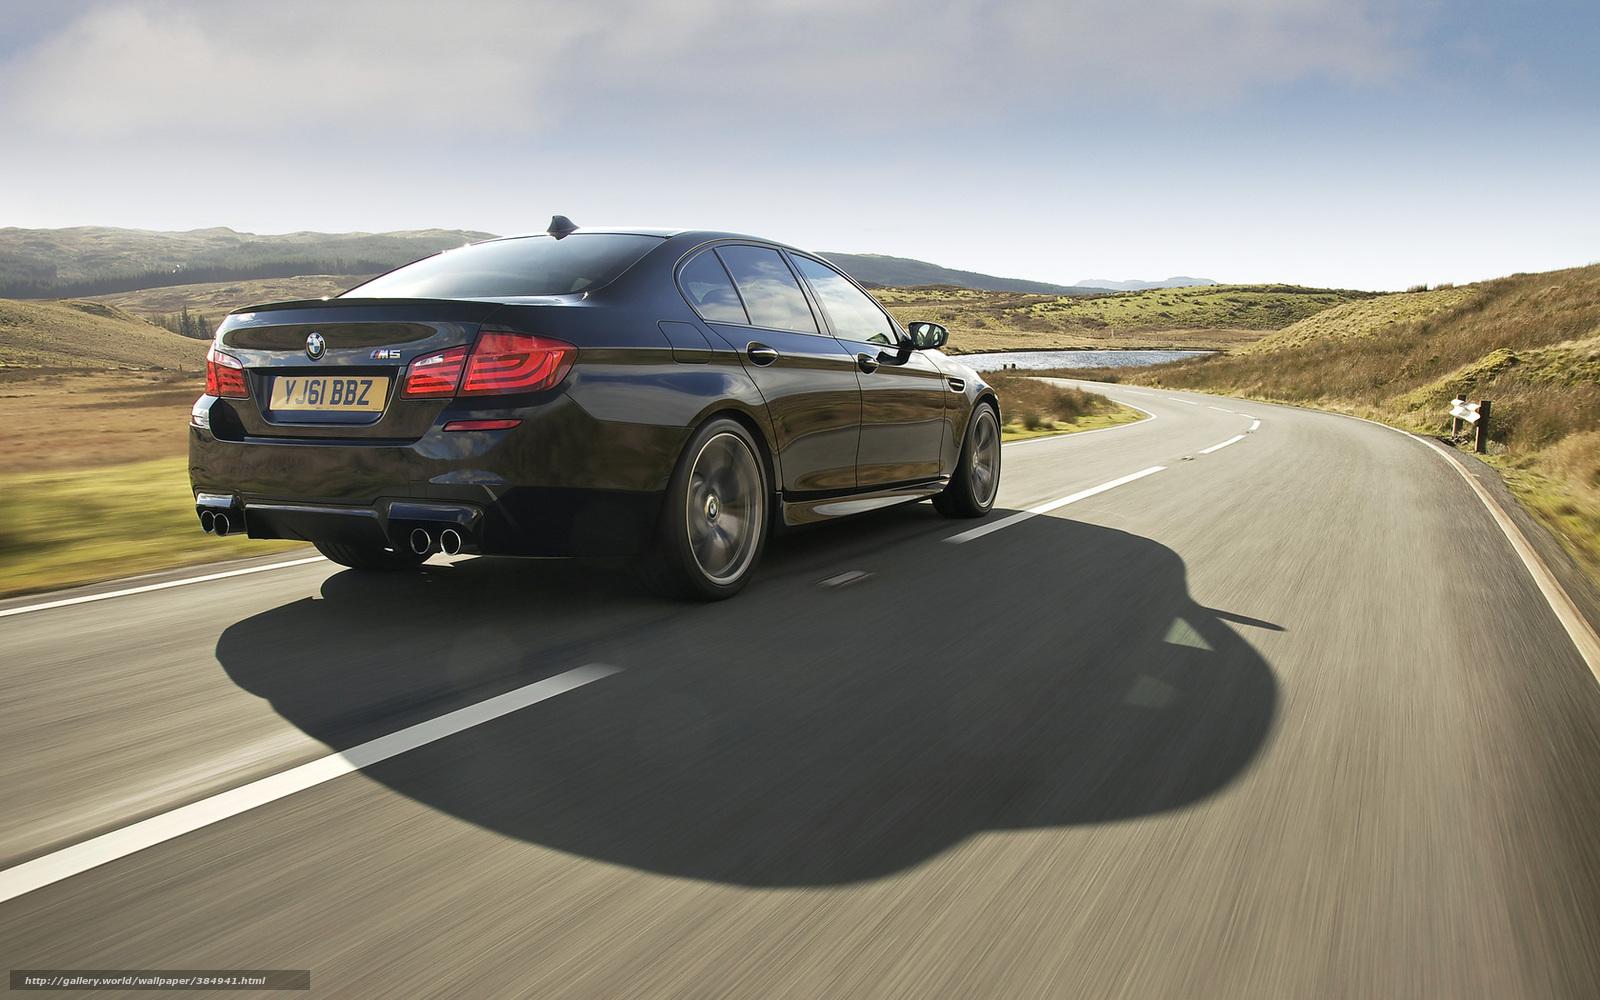 Download wallpaper road rate Car bmw free desktop wallpaper in the